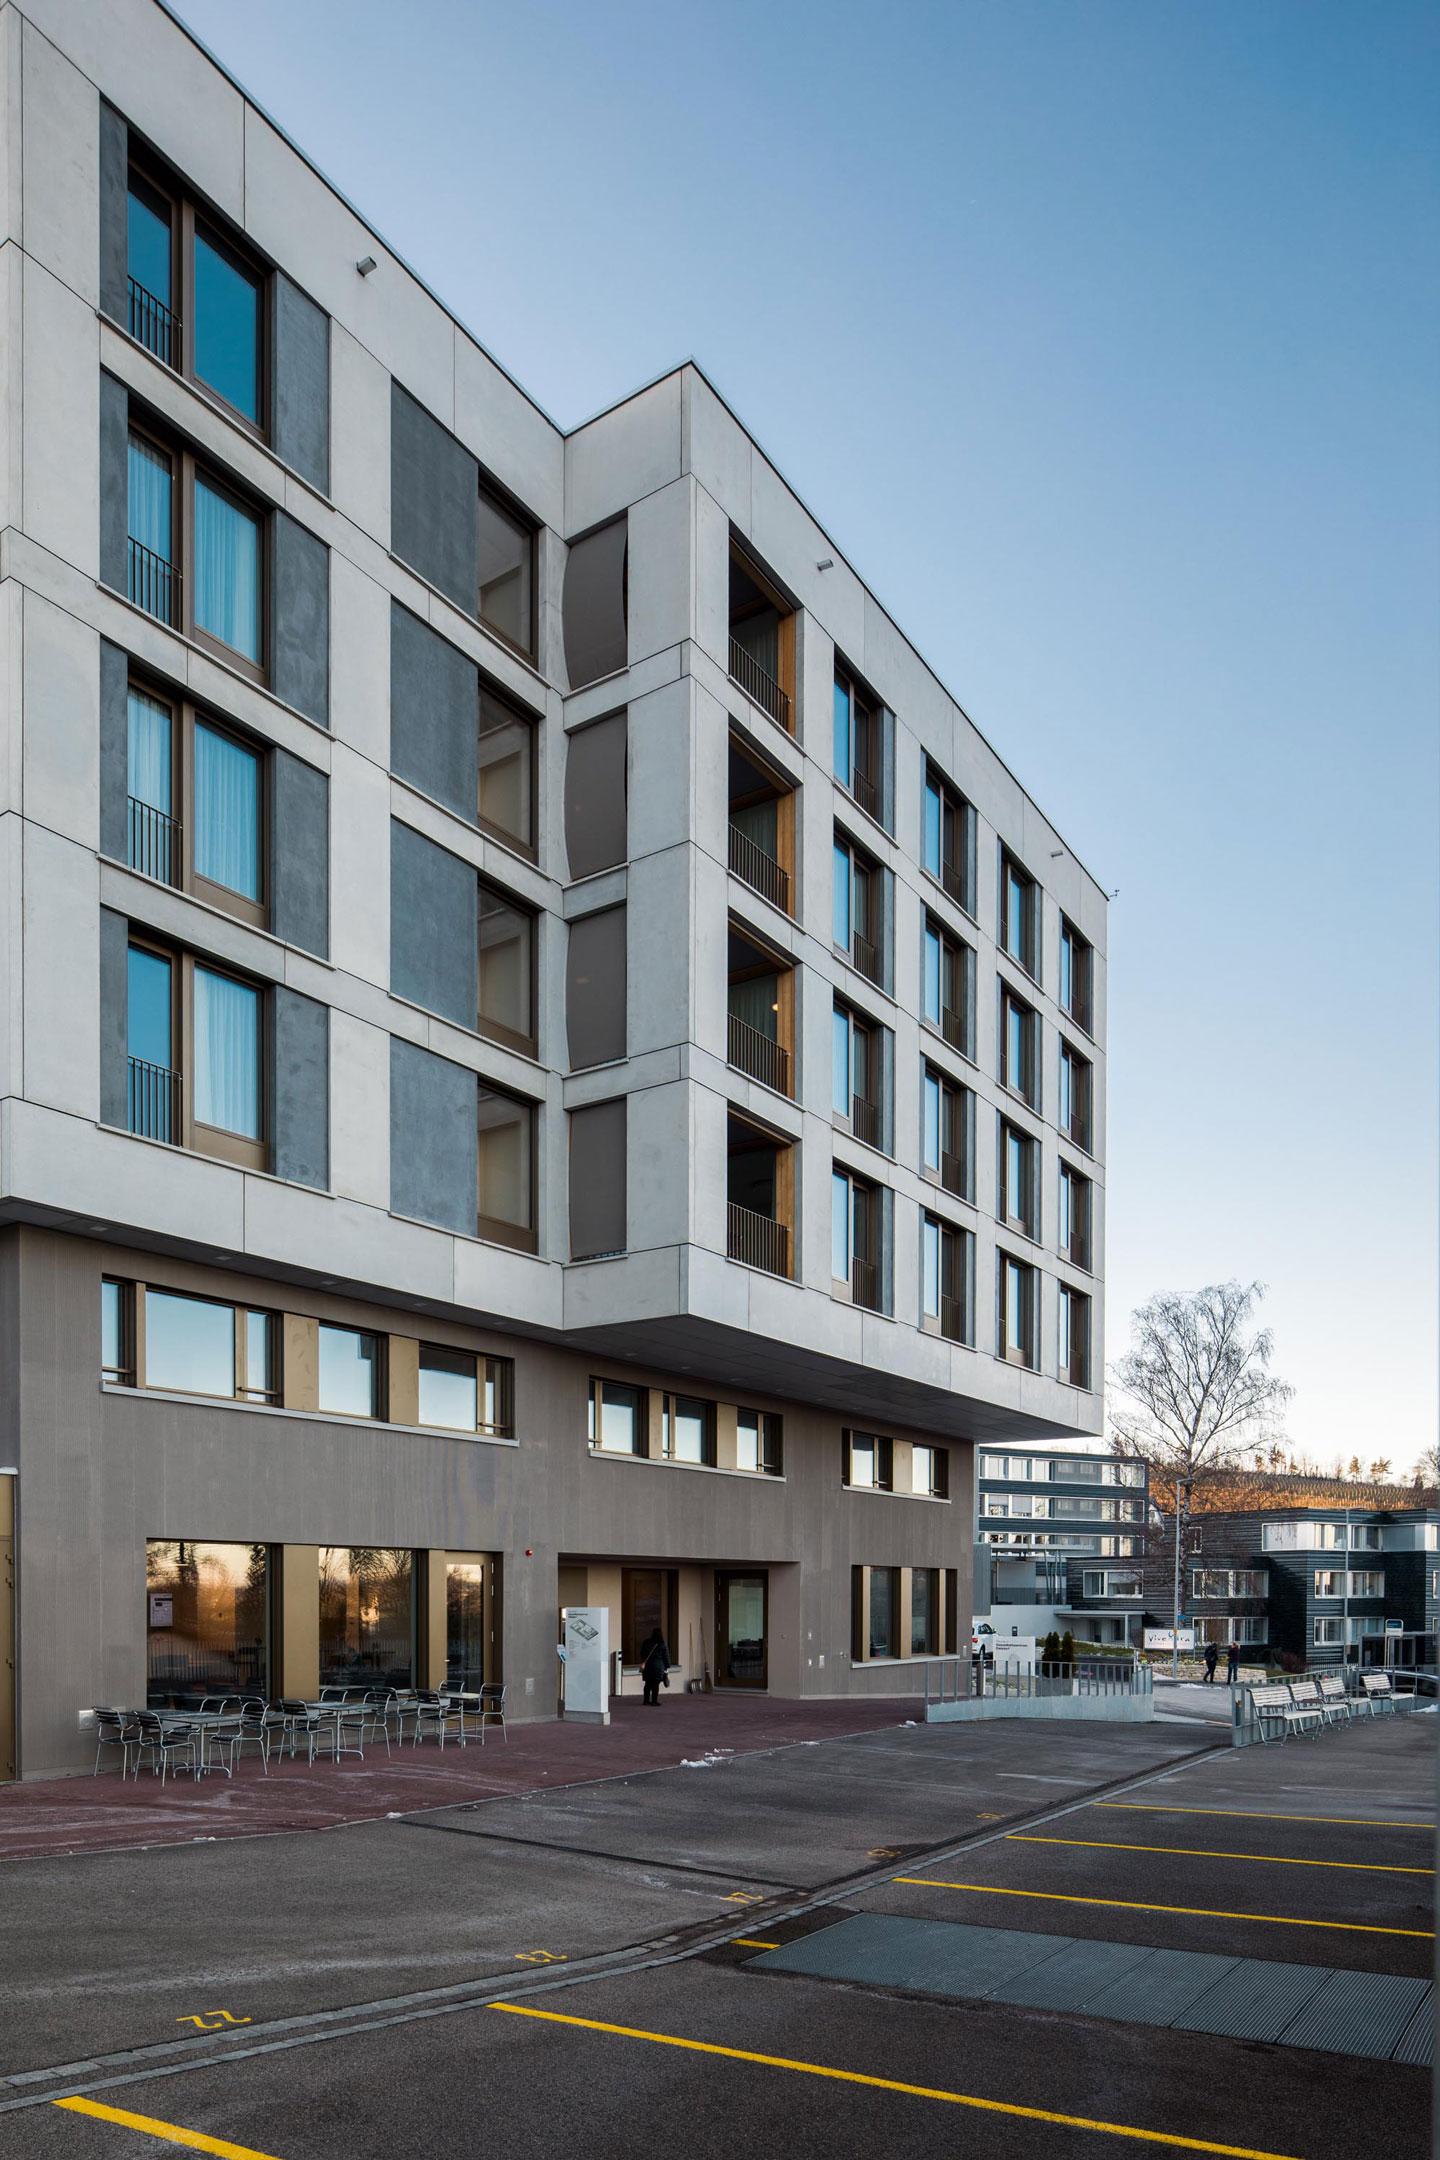 Erweiterung gesundheitszentrum dielsdorf bob gysin partner bgp - Bob gysin partner bgp architekten ...